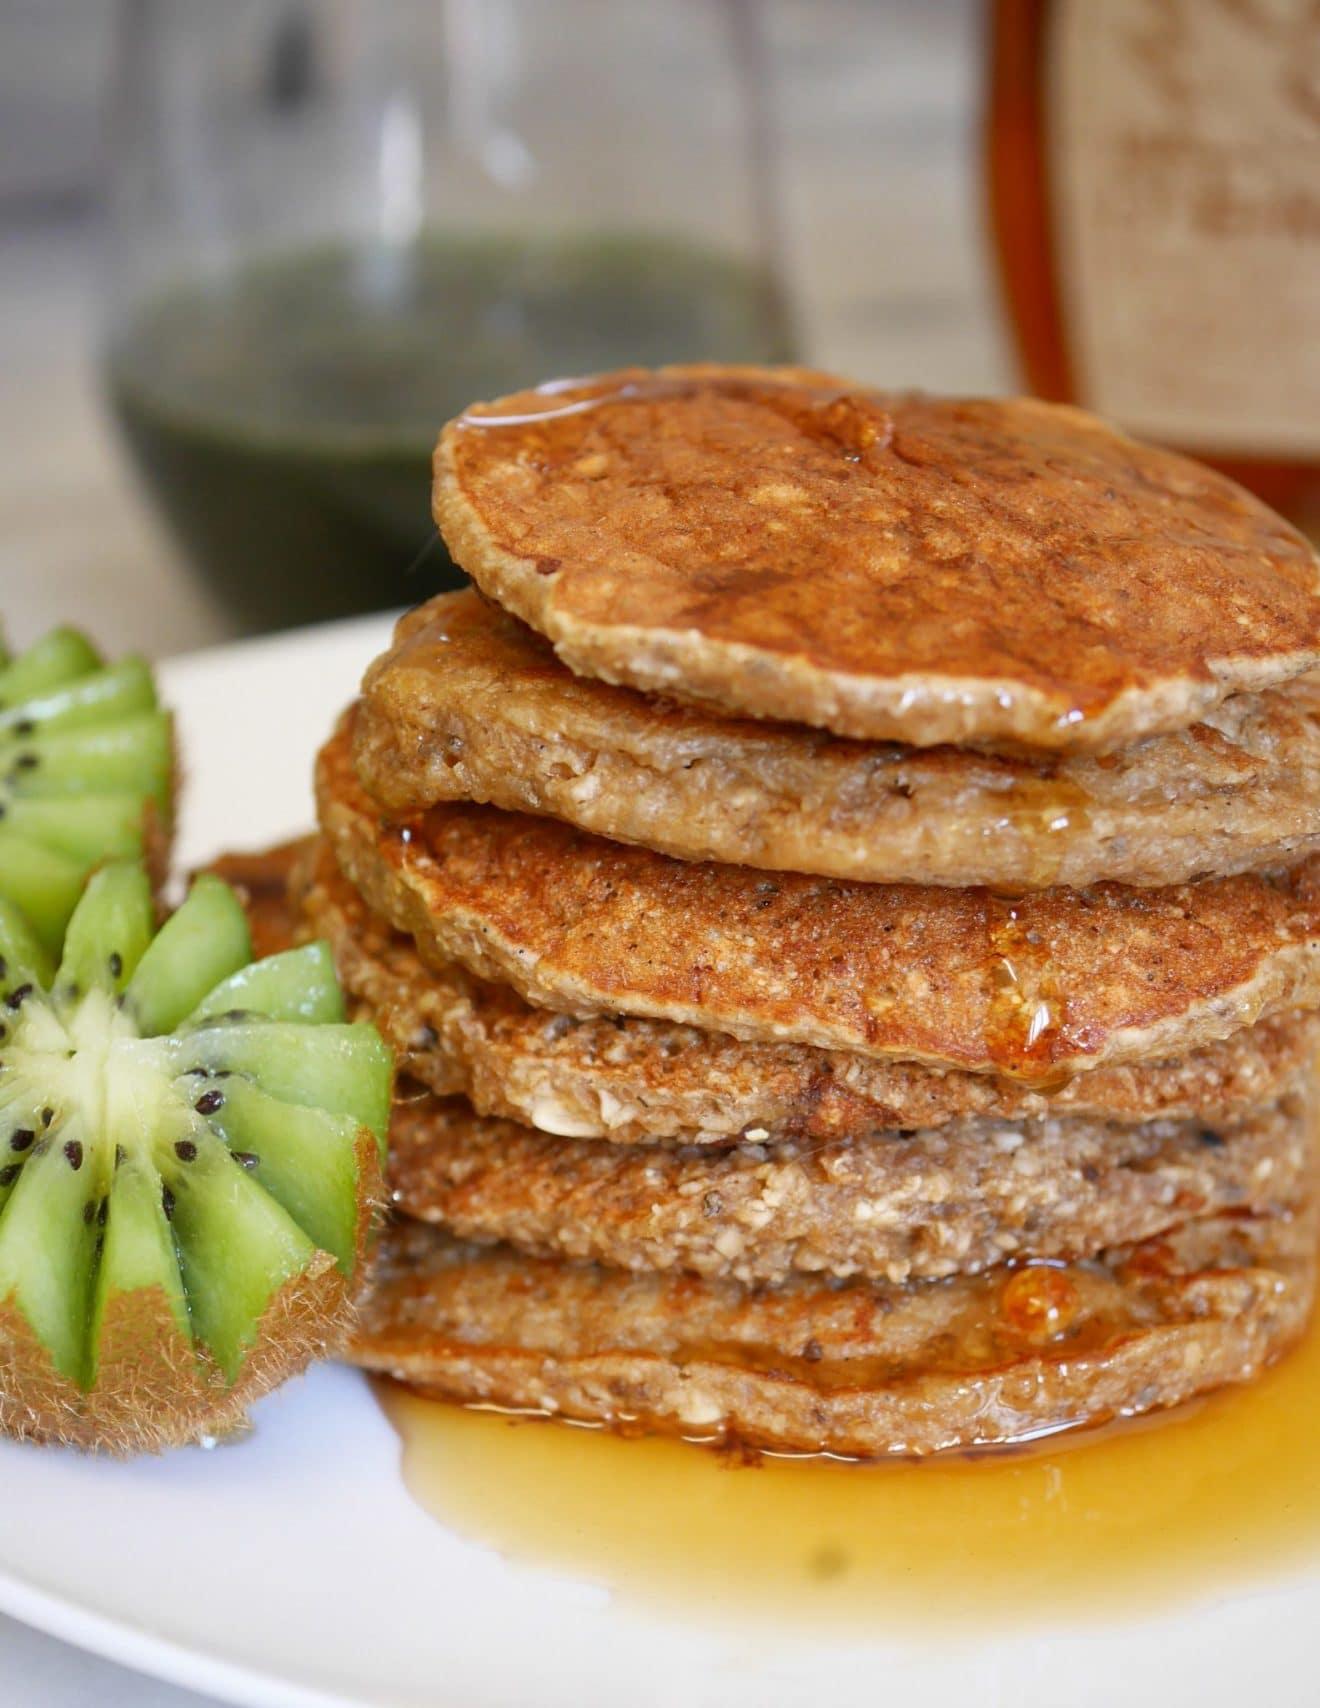 Recette Pancake Banane Flocon D Avoine : recette, pancake, banane, flocon, avoine, Pancakes, Healthy, Vegan, Banane, Comment, Changé